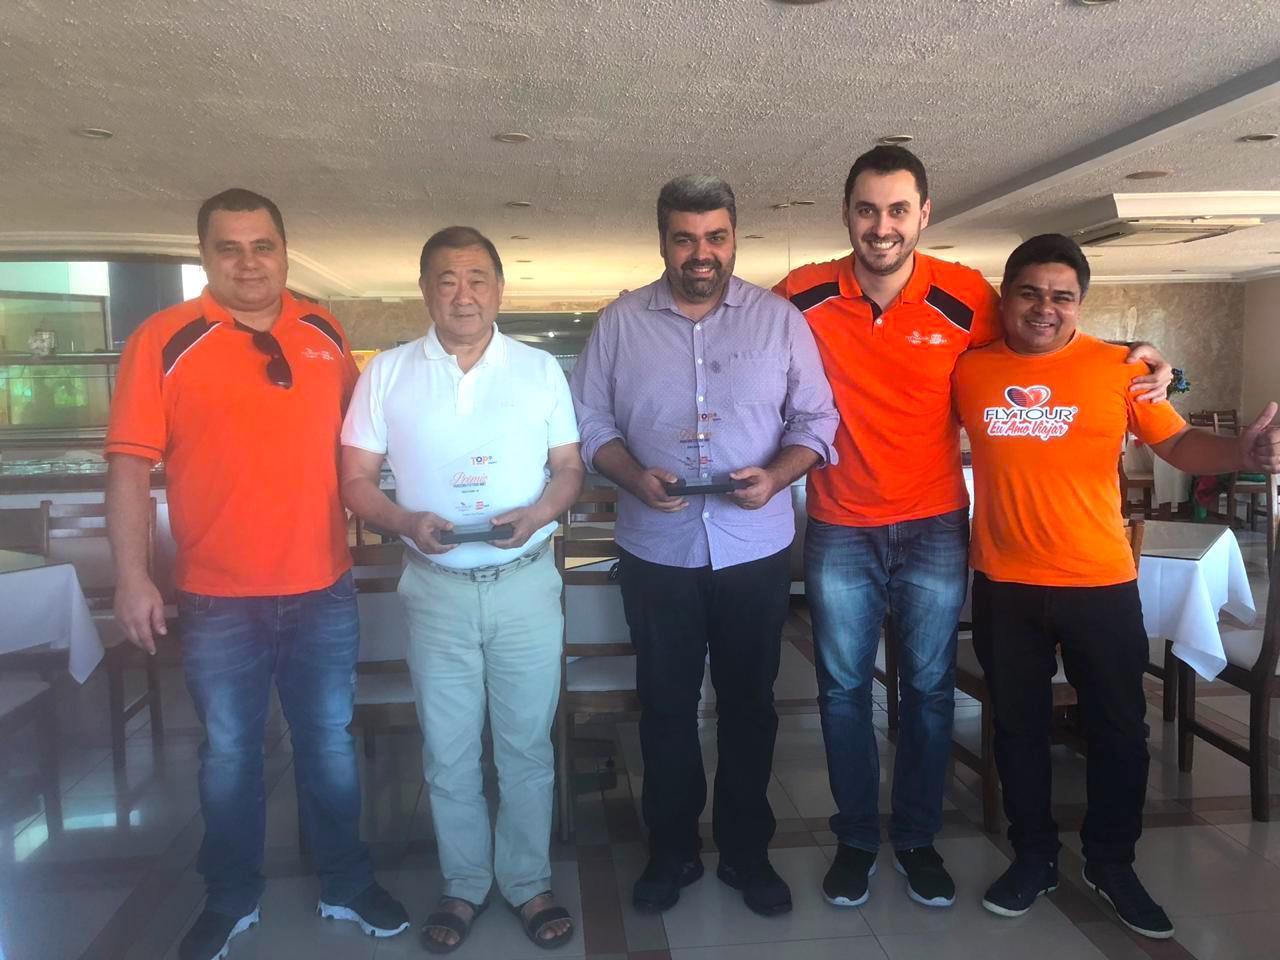 Daniel Firmino, da Flytour MMT Viagens; José Carlos Tamaki, do hotel Sued's; Richard Alves, secretário de turismo de Porto Seguro; Rafael Ortiz e Gerson Júnior